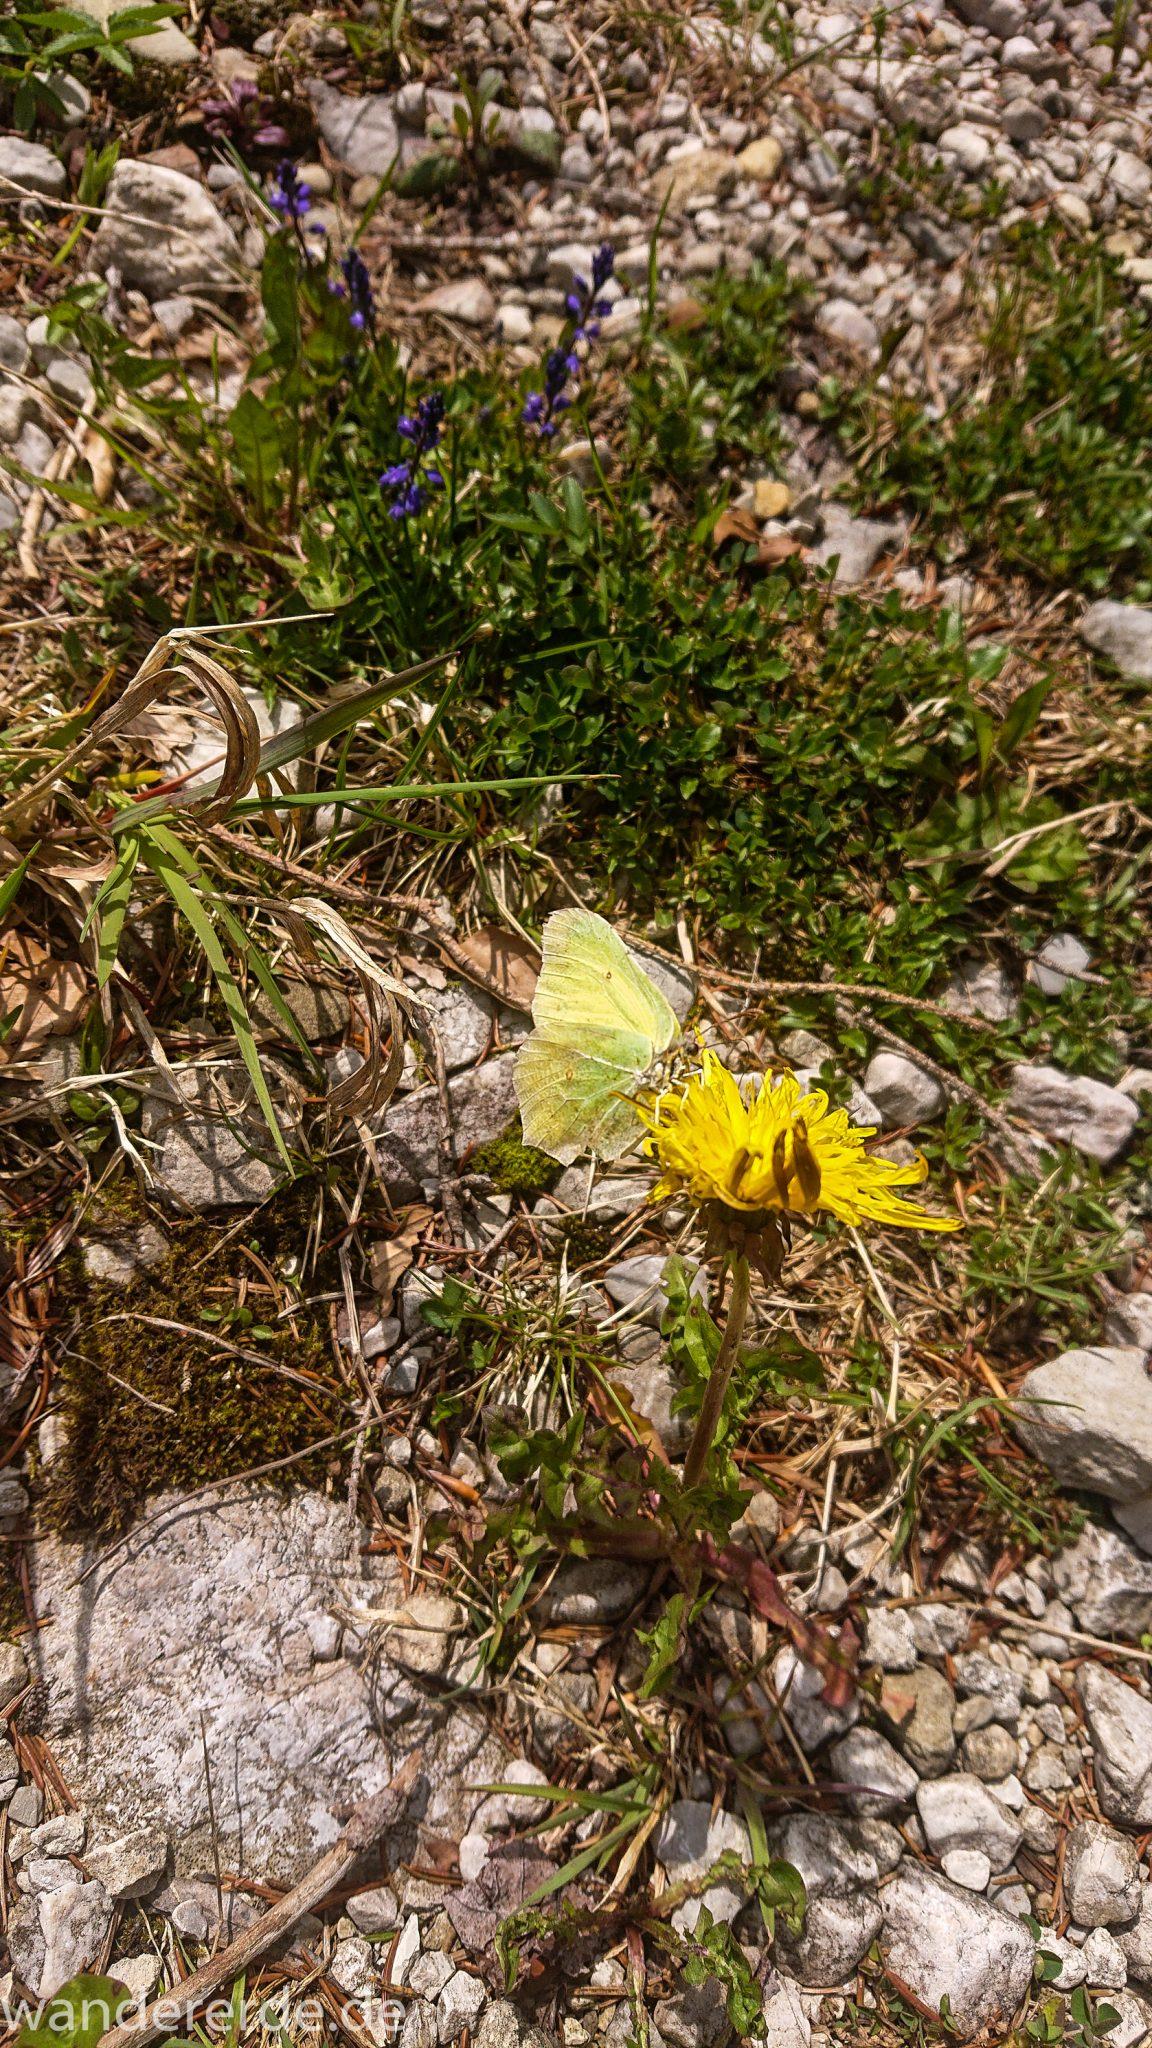 Wanderung zur Kenzenhütte in den Ammergauer Alpen, Schmetterling sitzt an Löwenzahn